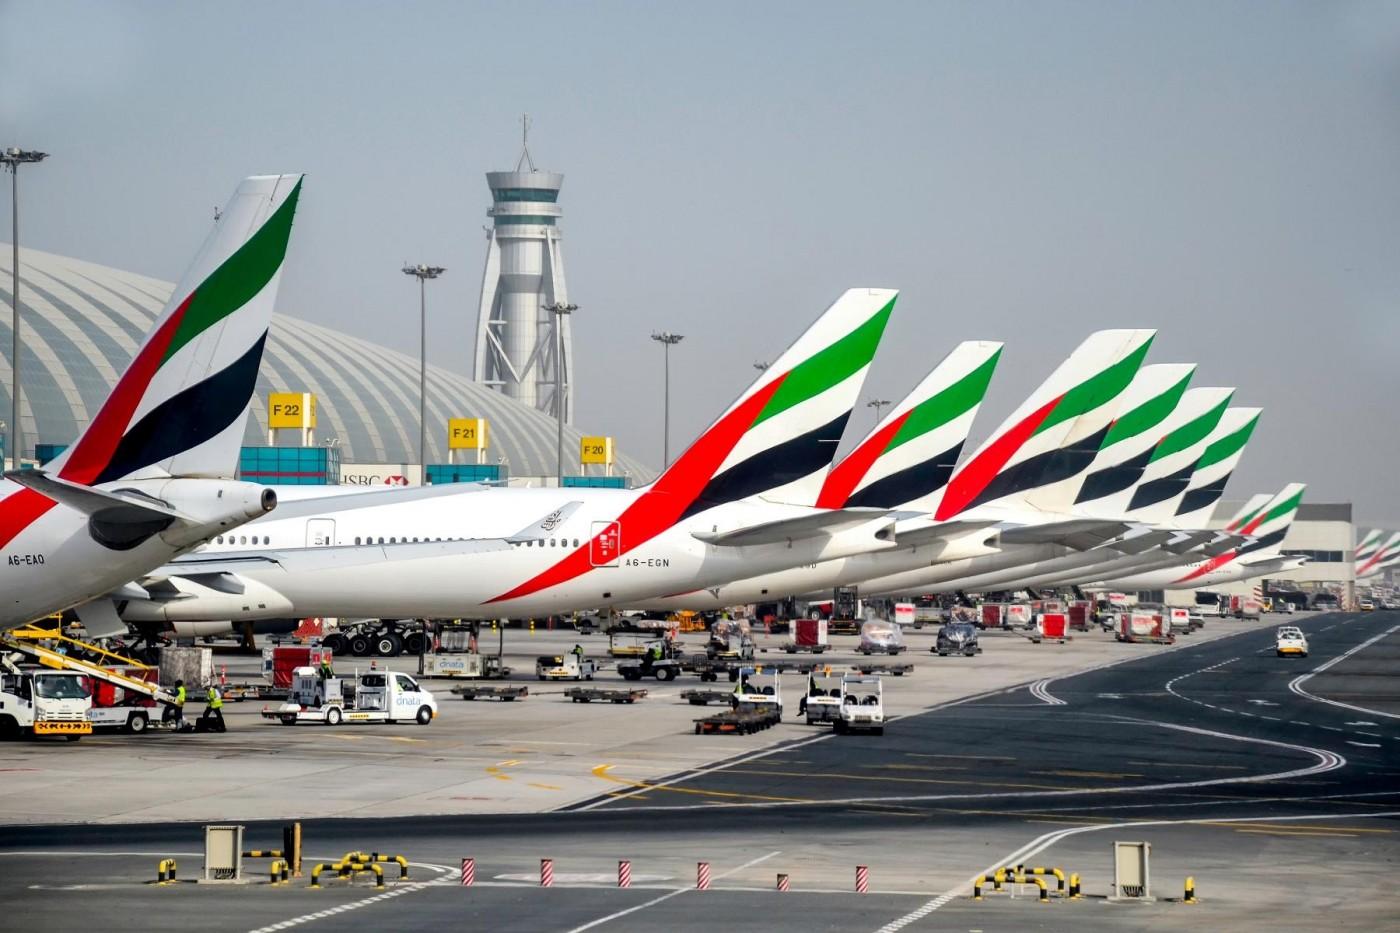 阿聯酋傳裁員3萬人、提前退役巨無霸客機,全球航空復甦還要多久?